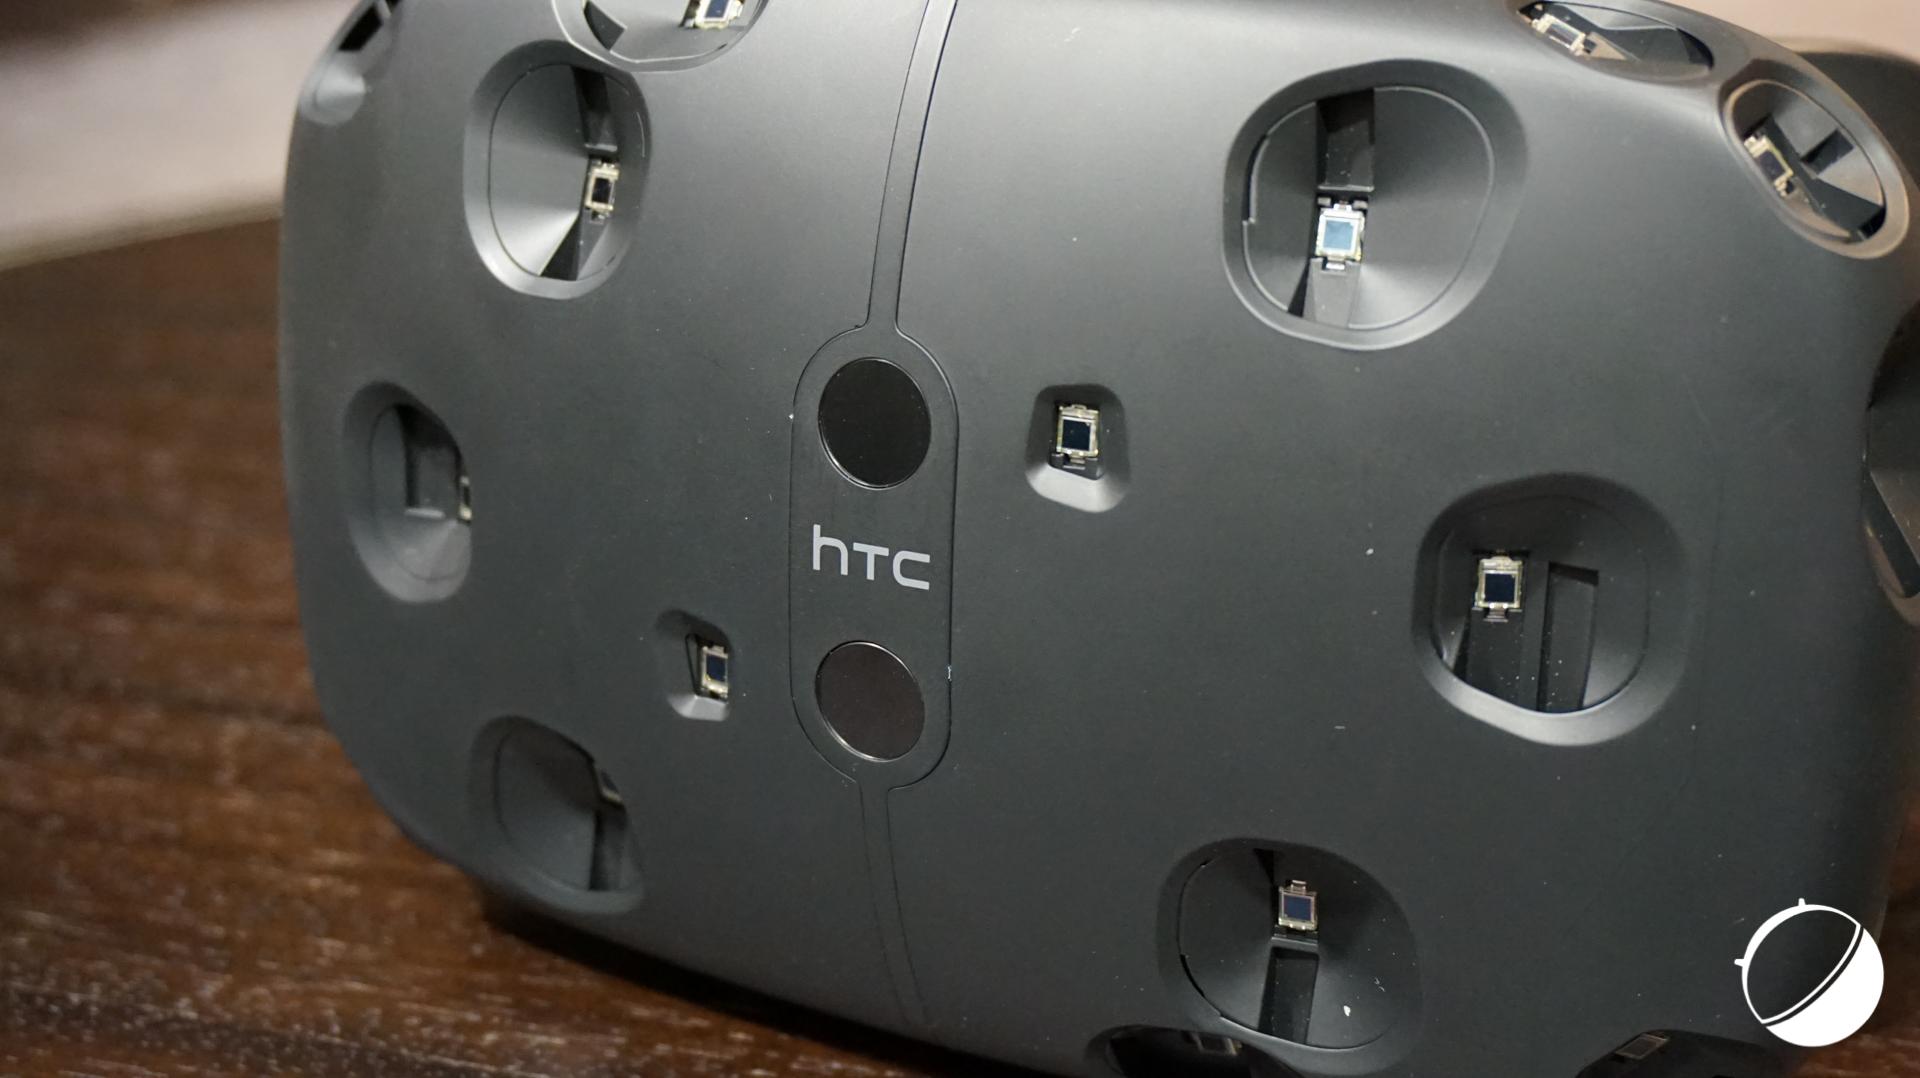 HTC Vive : on connait la date de sortie du casque de réalité virtuelle